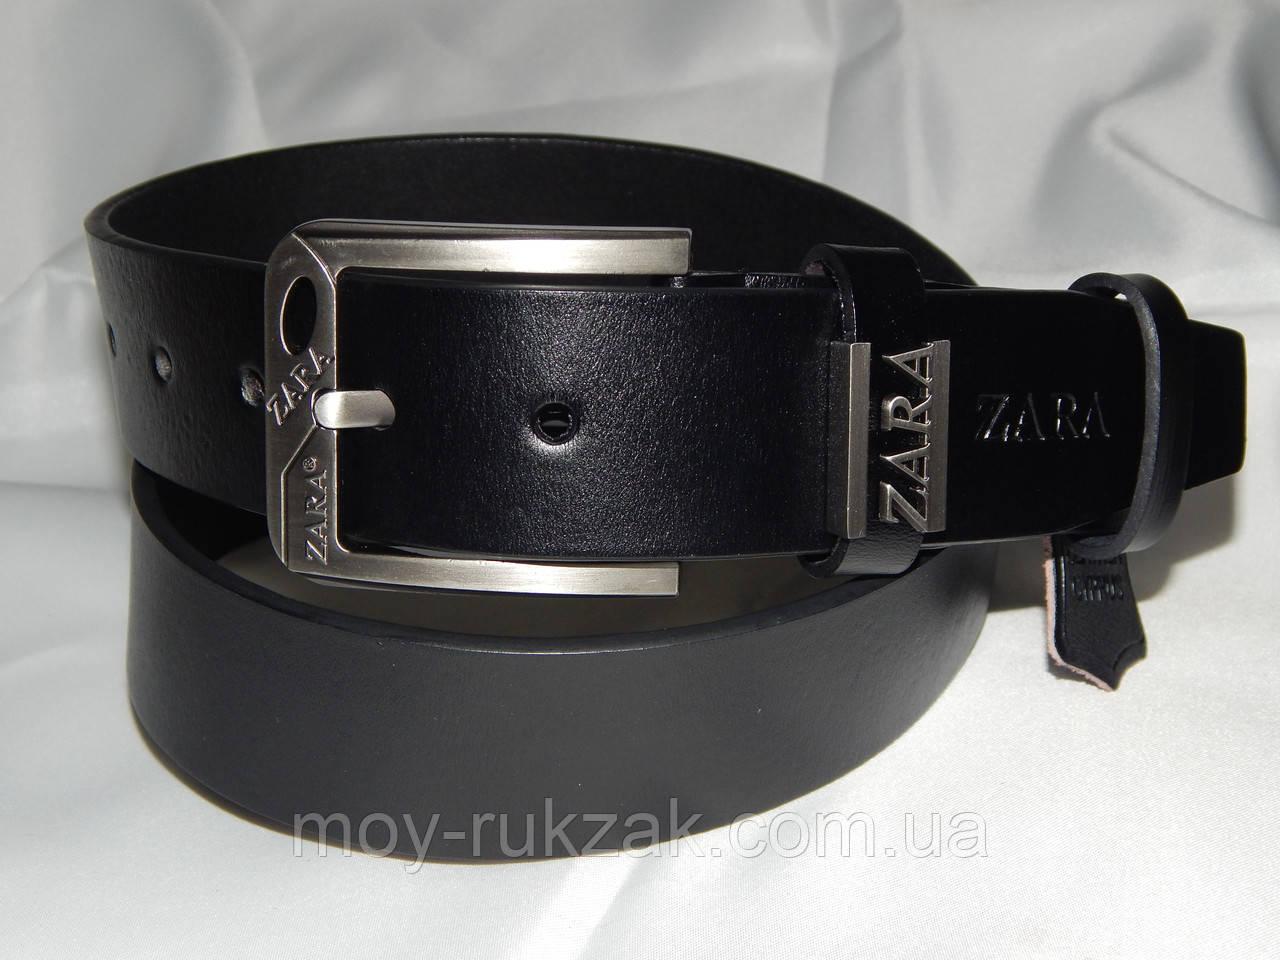 Ремень мужской кожаный ZARA 40 мм, реплика 930501